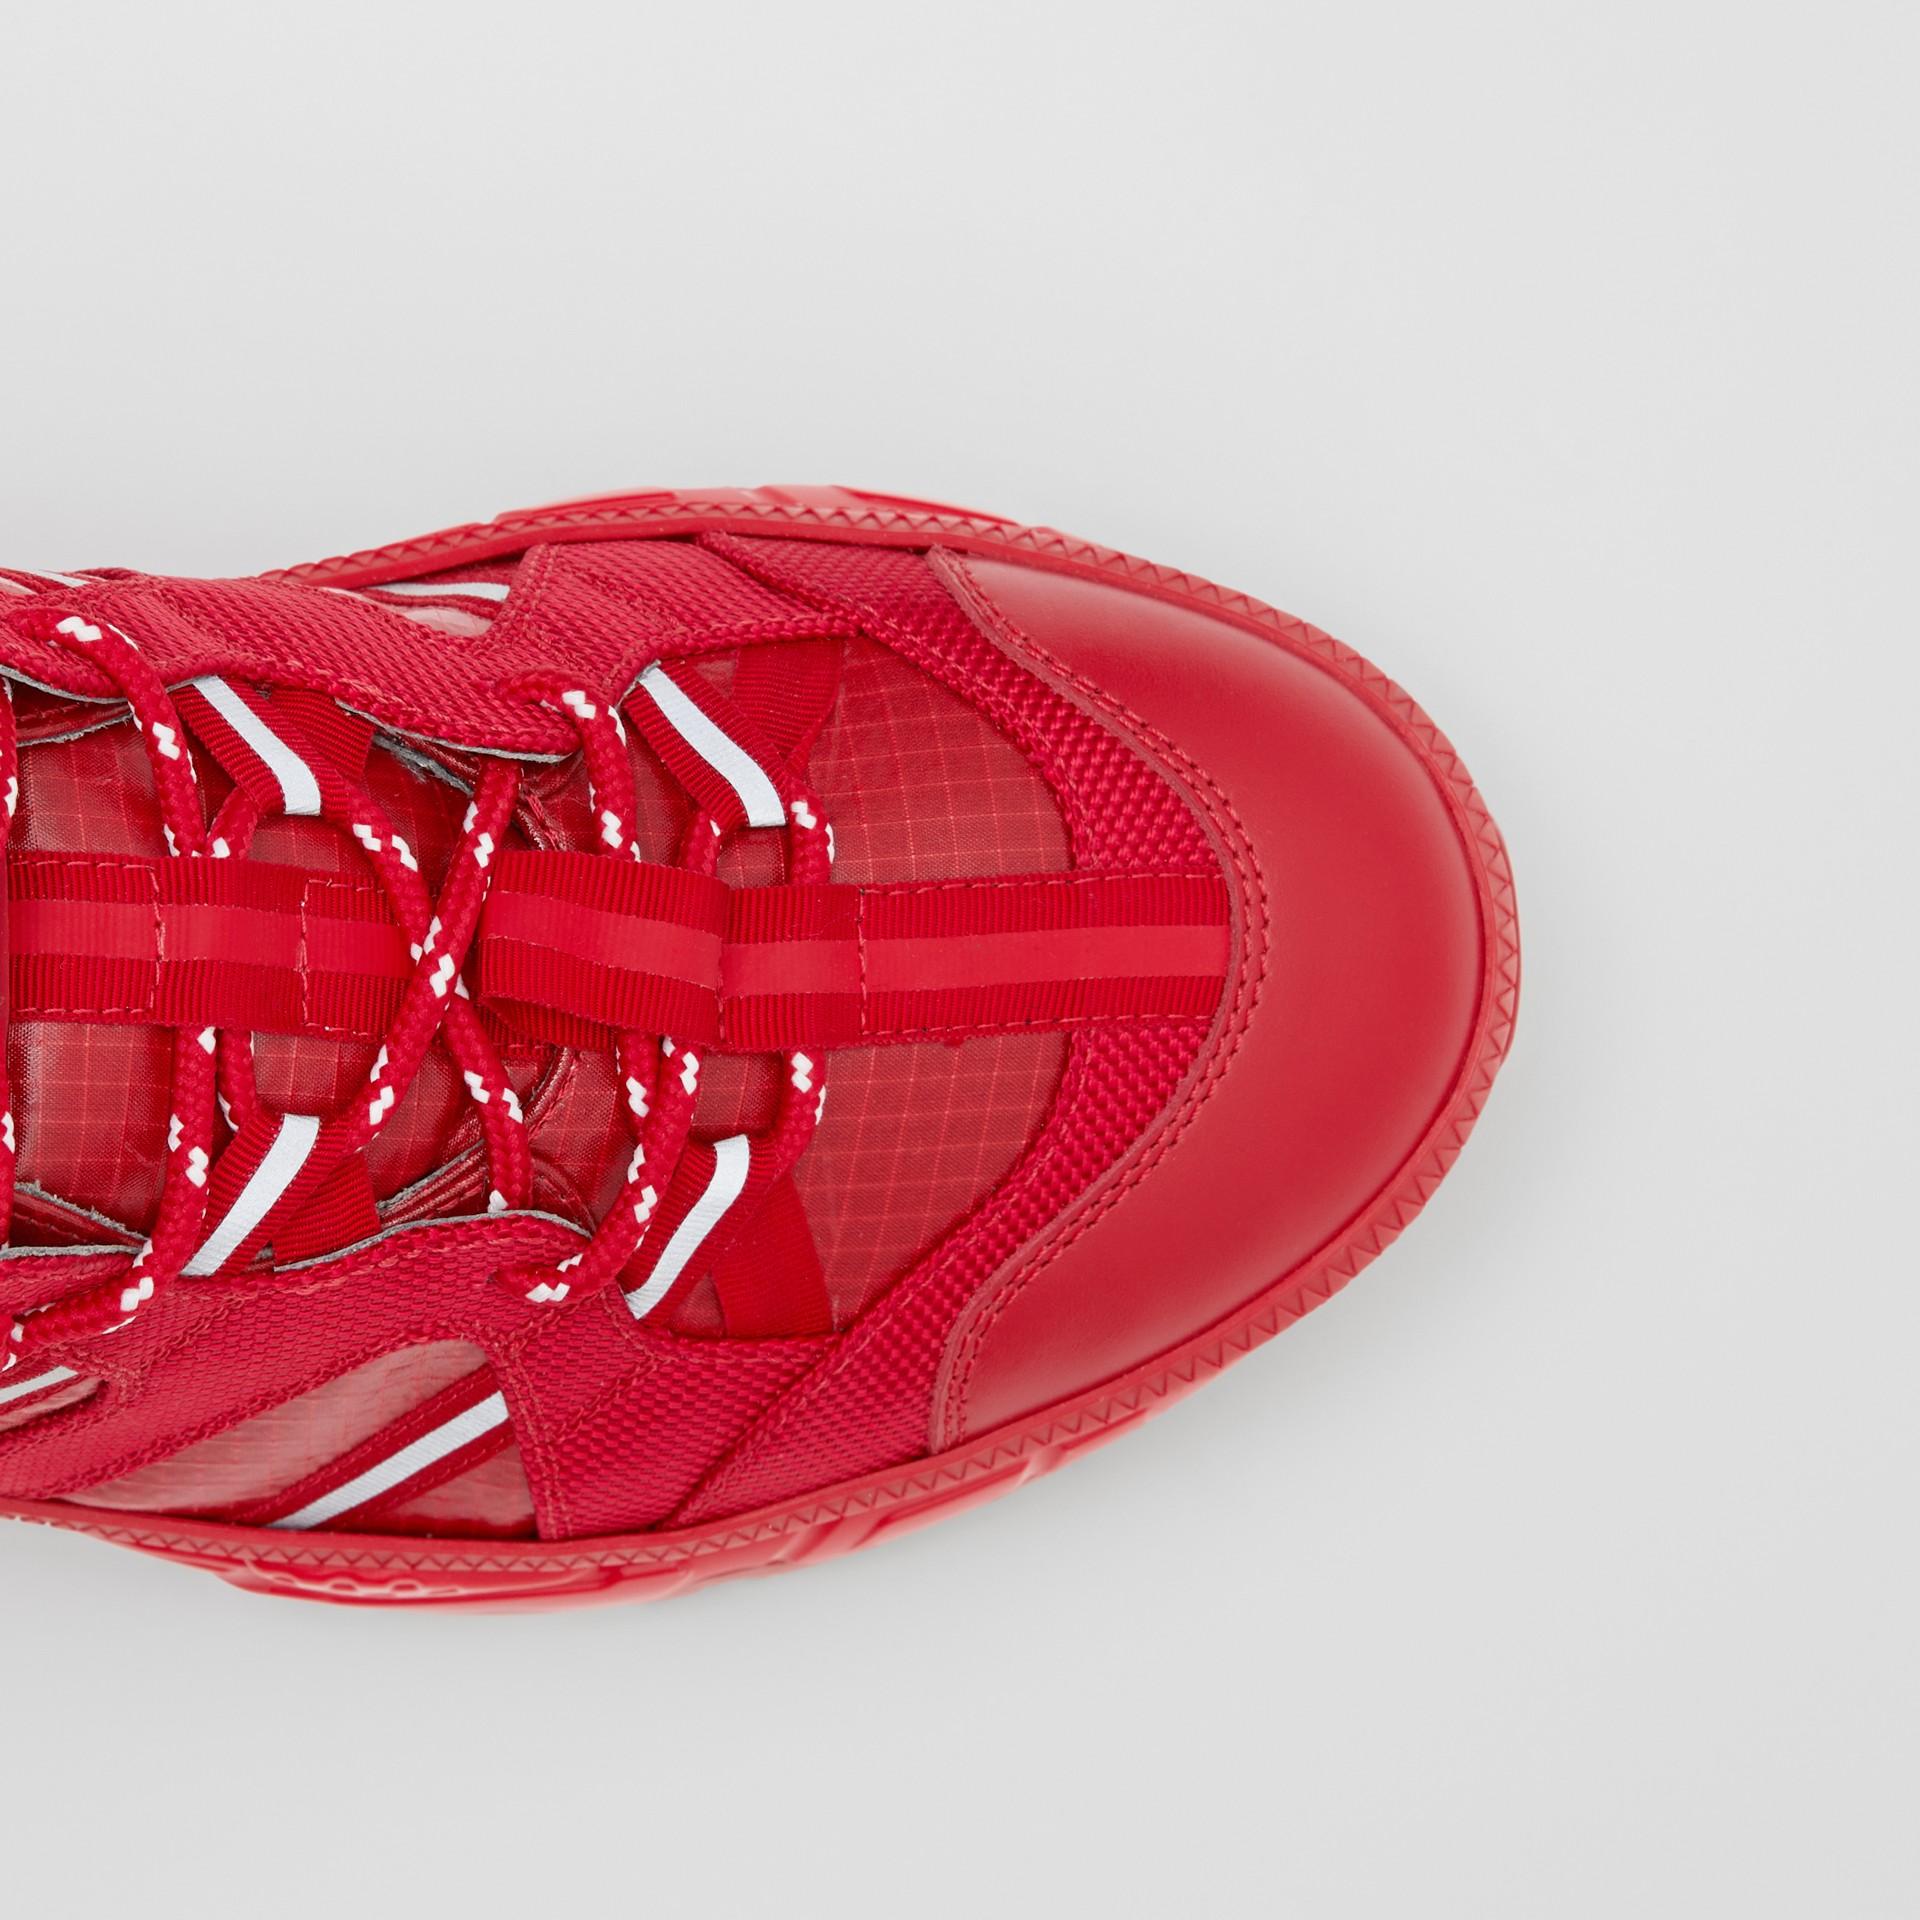 尼龍和皮革 Union 運動鞋 (亮紅色) - 女款   Burberry - 圖庫照片 1